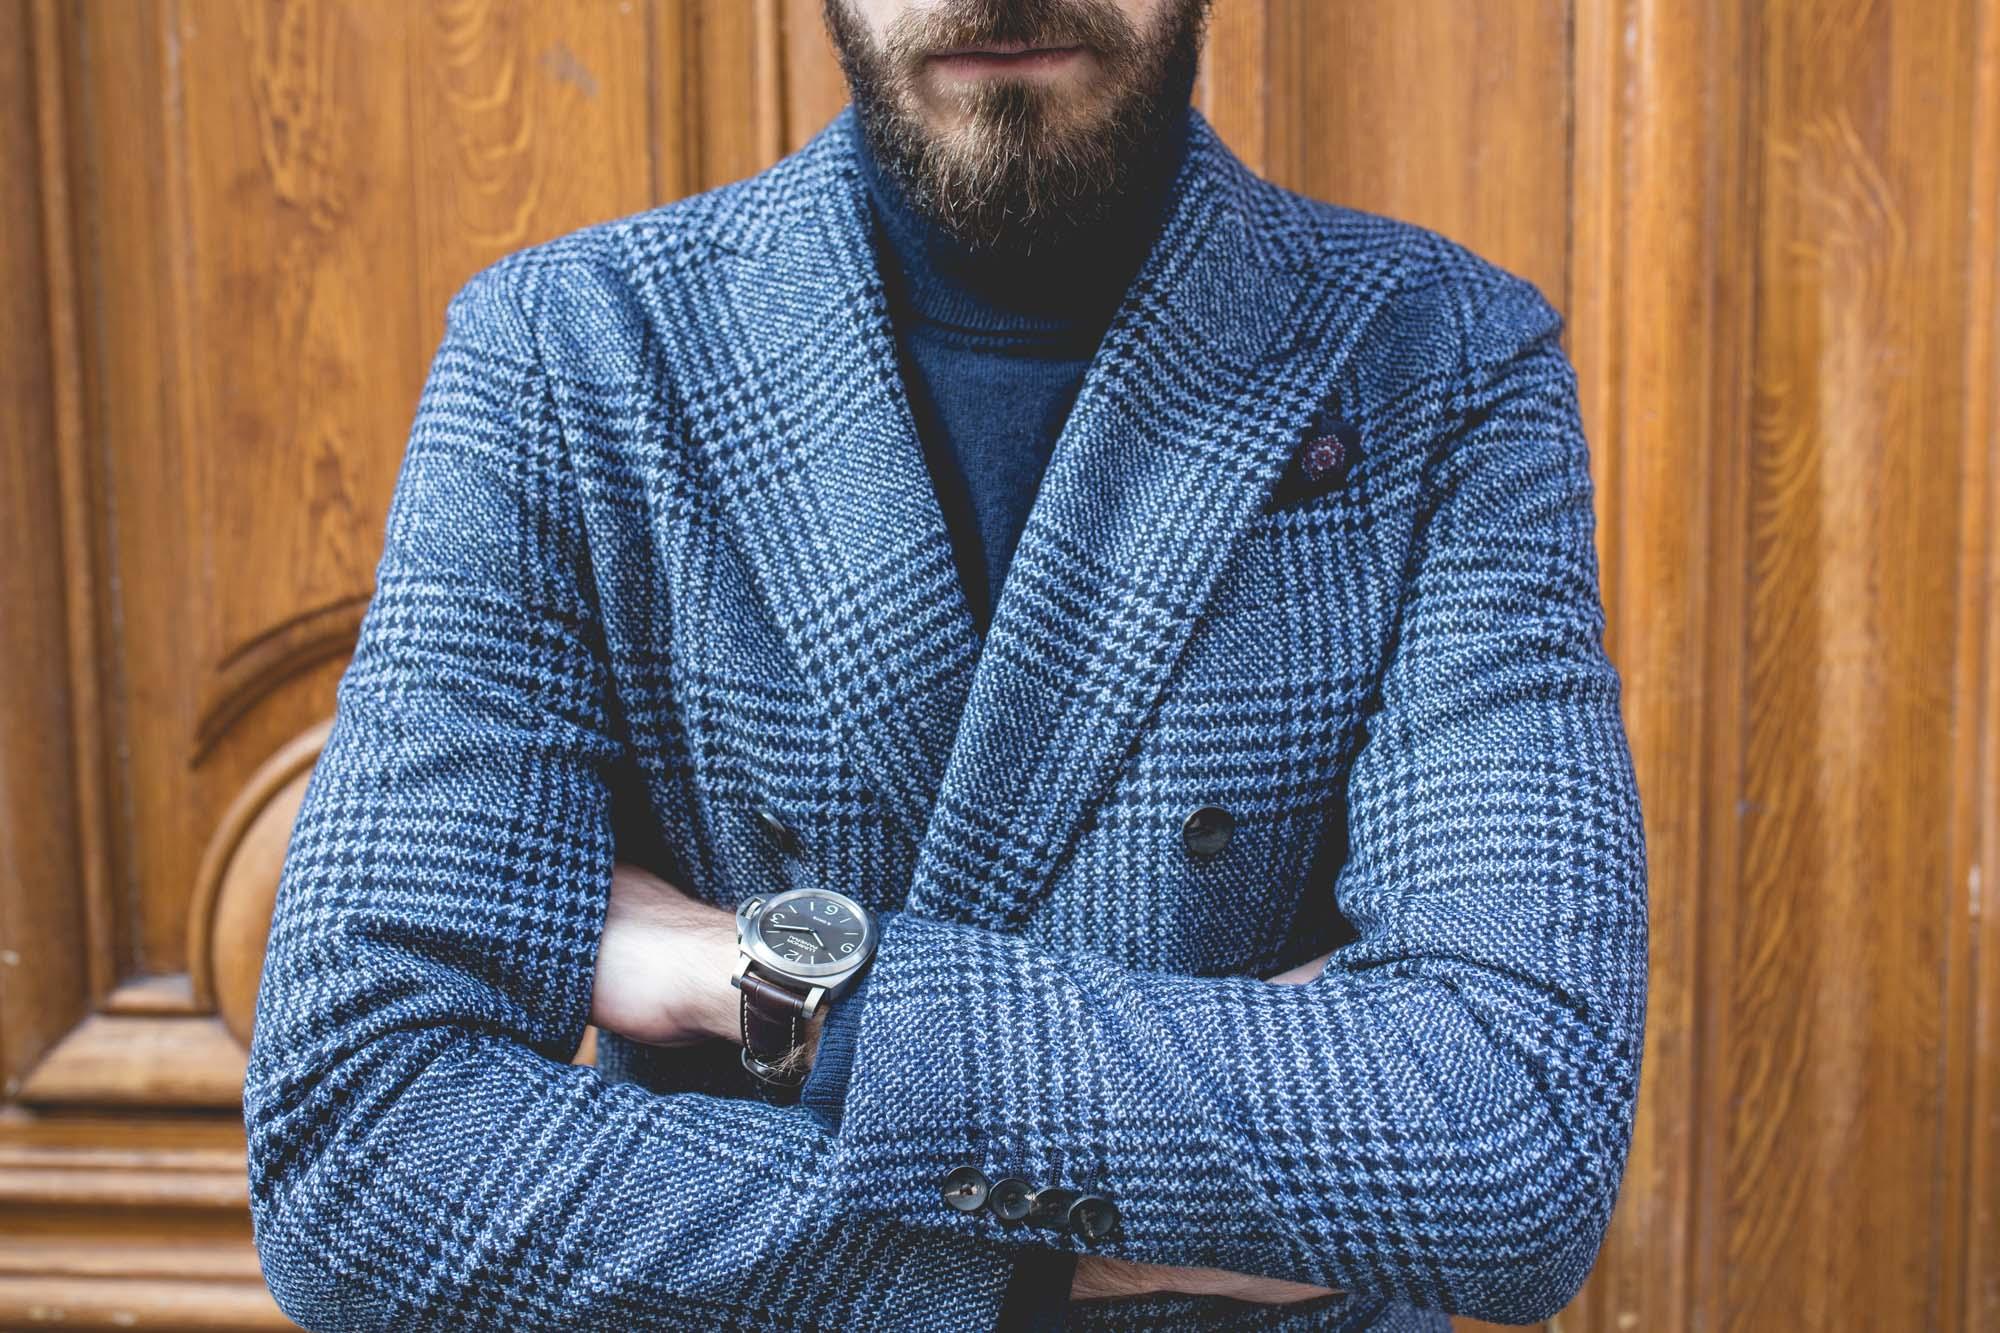 Comment porter sa veste croisée ? Le col roulé